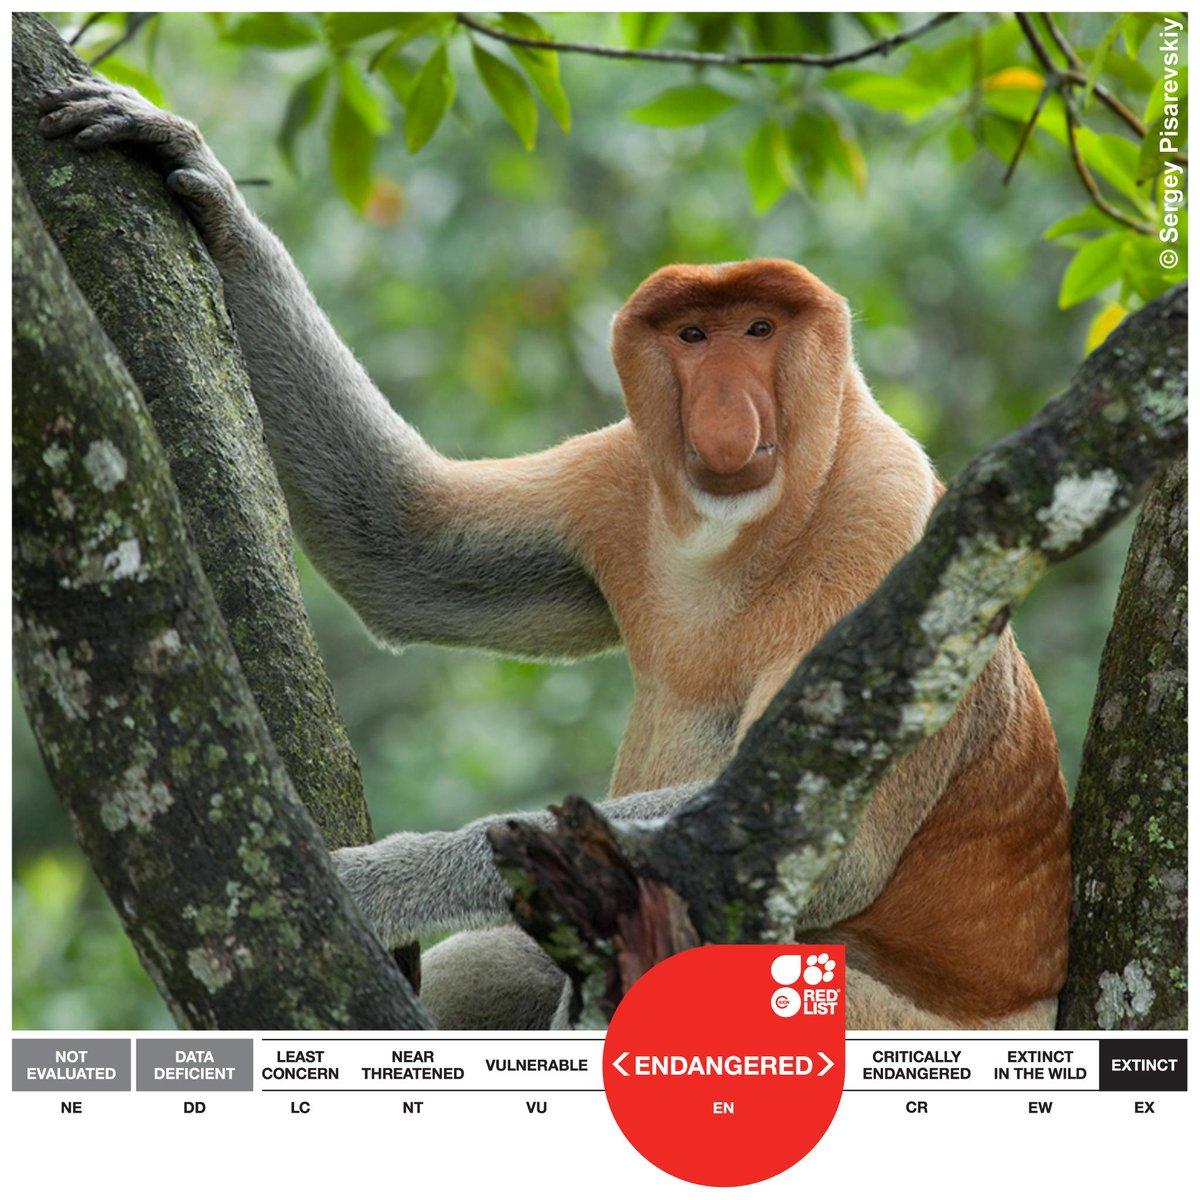 IUCN Red List on Twitter: